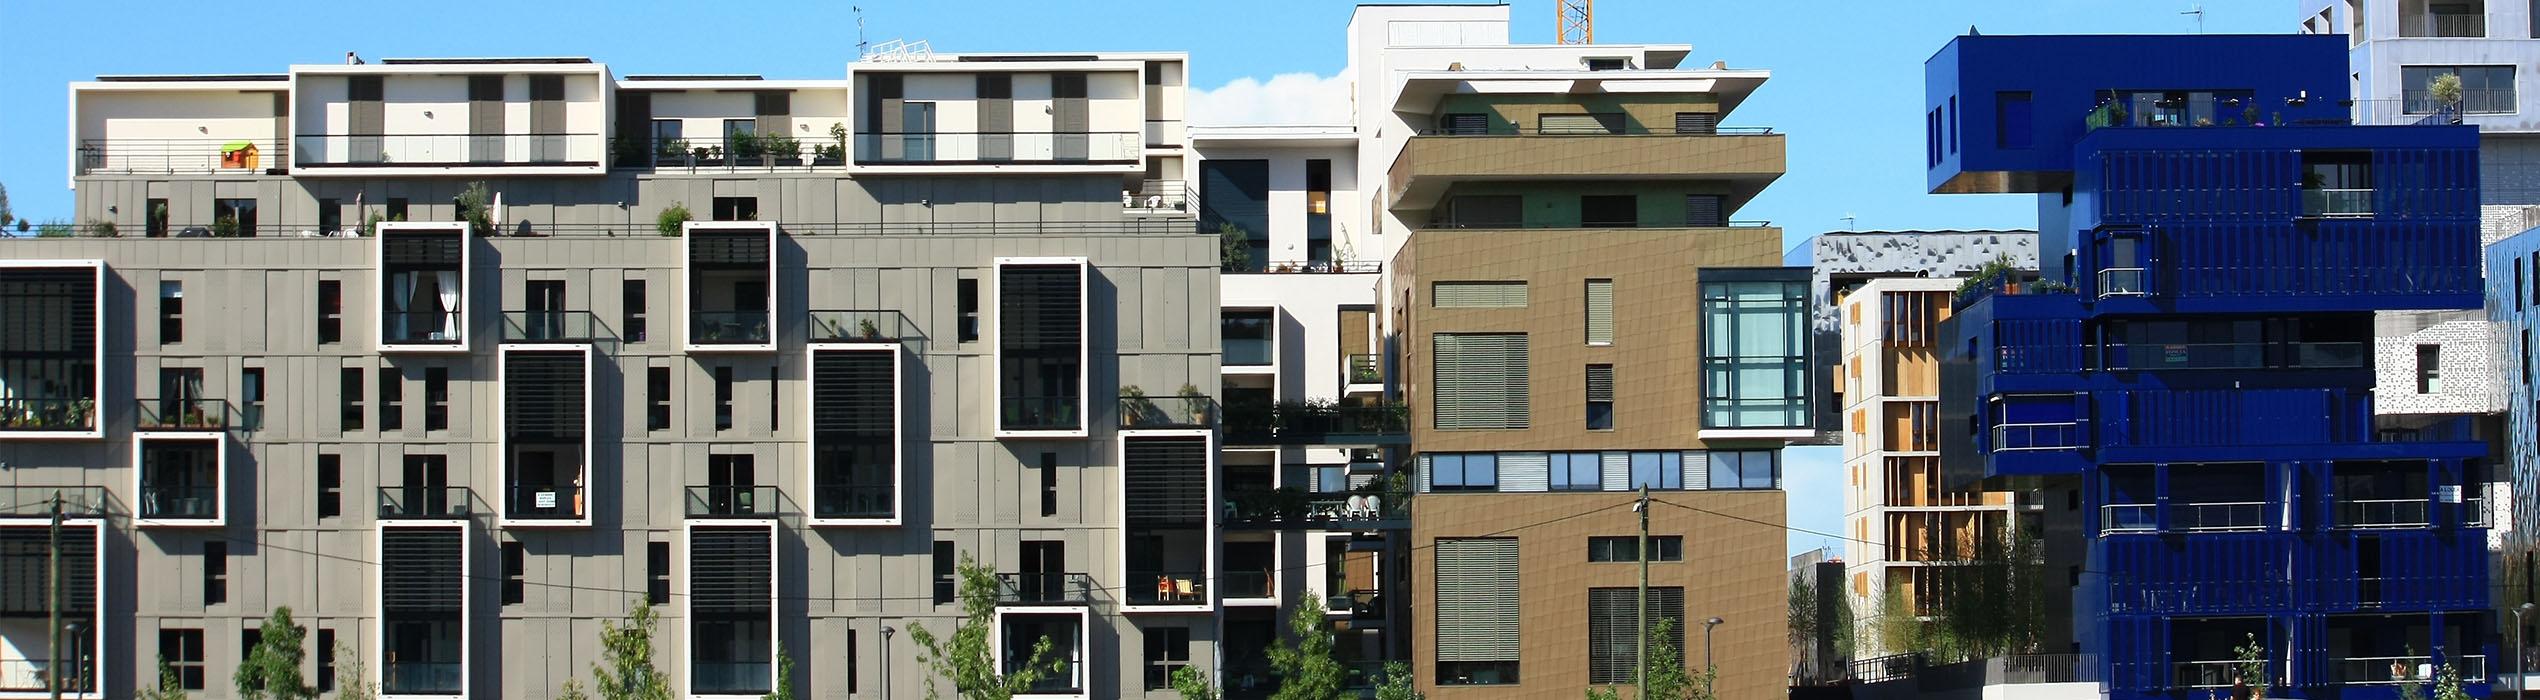 Case passive cosa sono e quanto costa una passive house for Quanto costruire una casa in stile artigiano